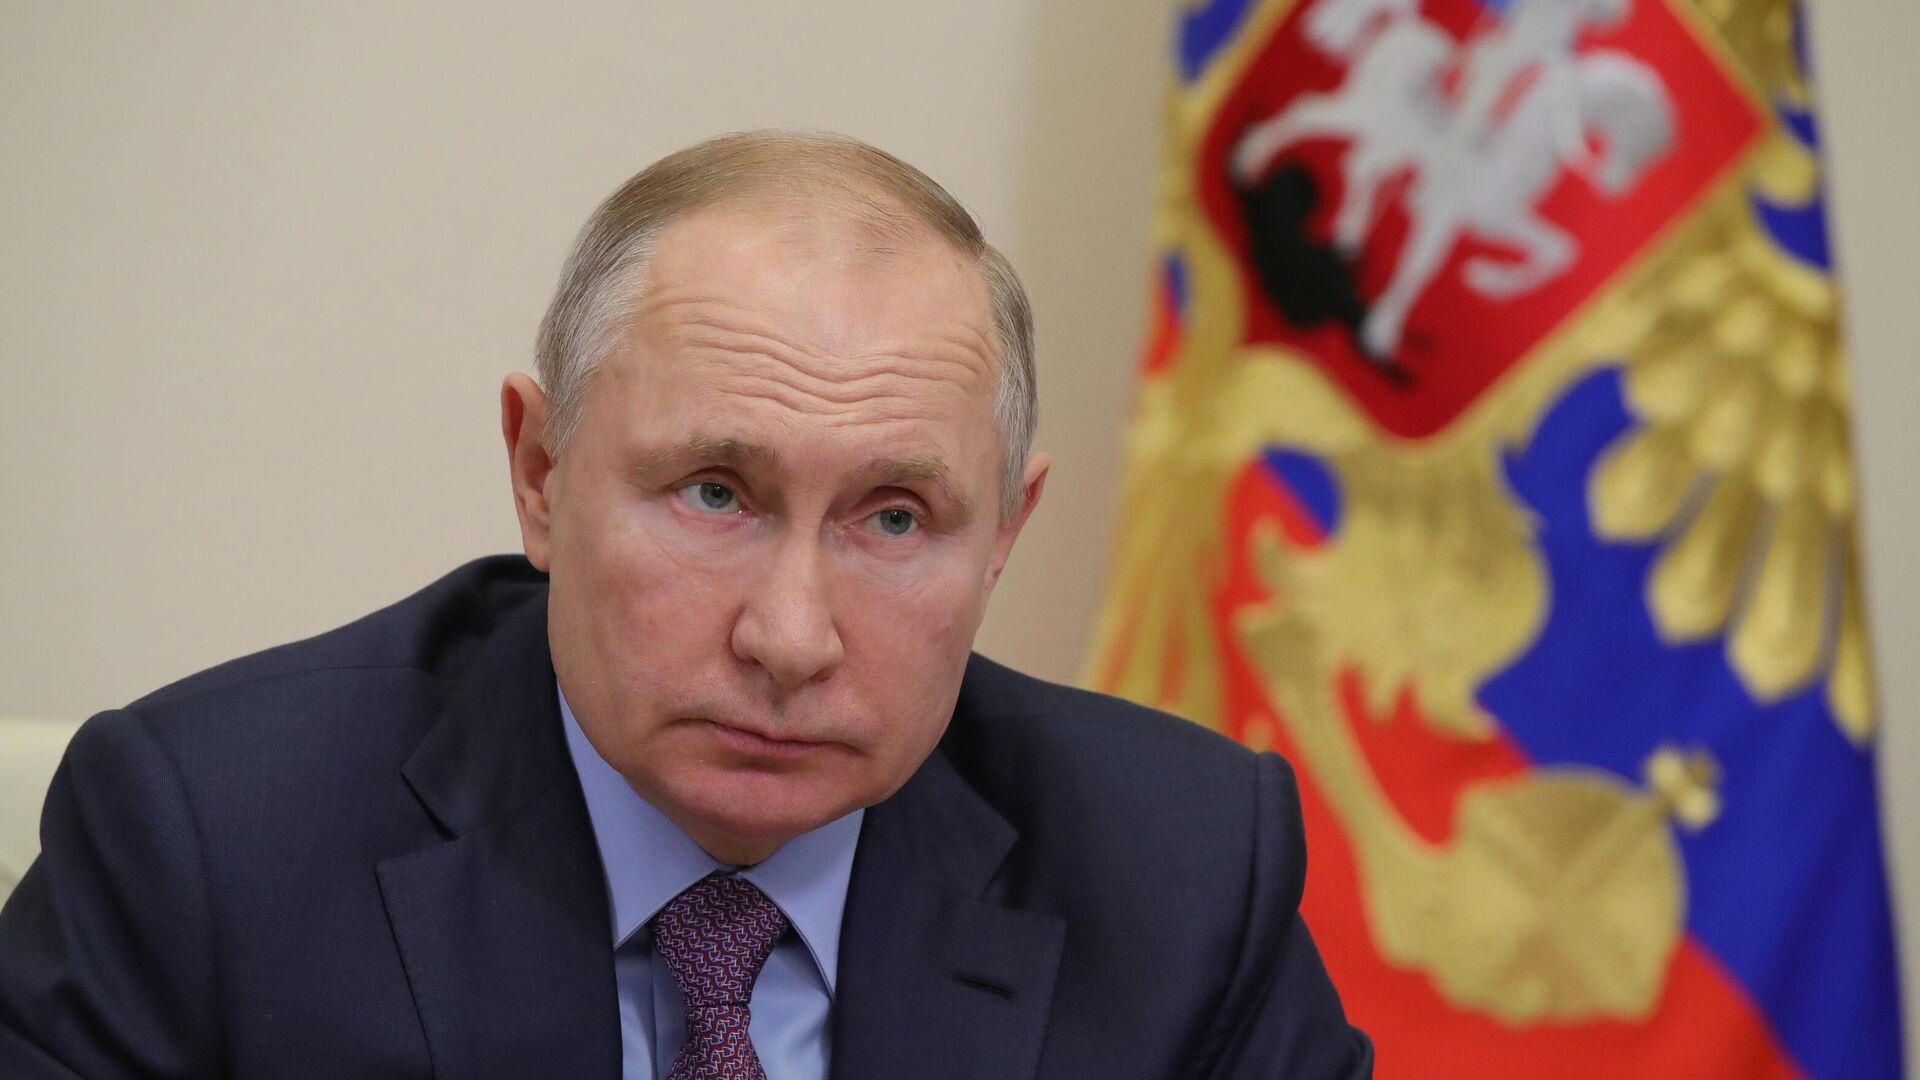 Президент РФ Владимир Путин проводит в режиме видеоконференции совещание с членами правительства РФ - РИА Новости, 1920, 02.02.2021